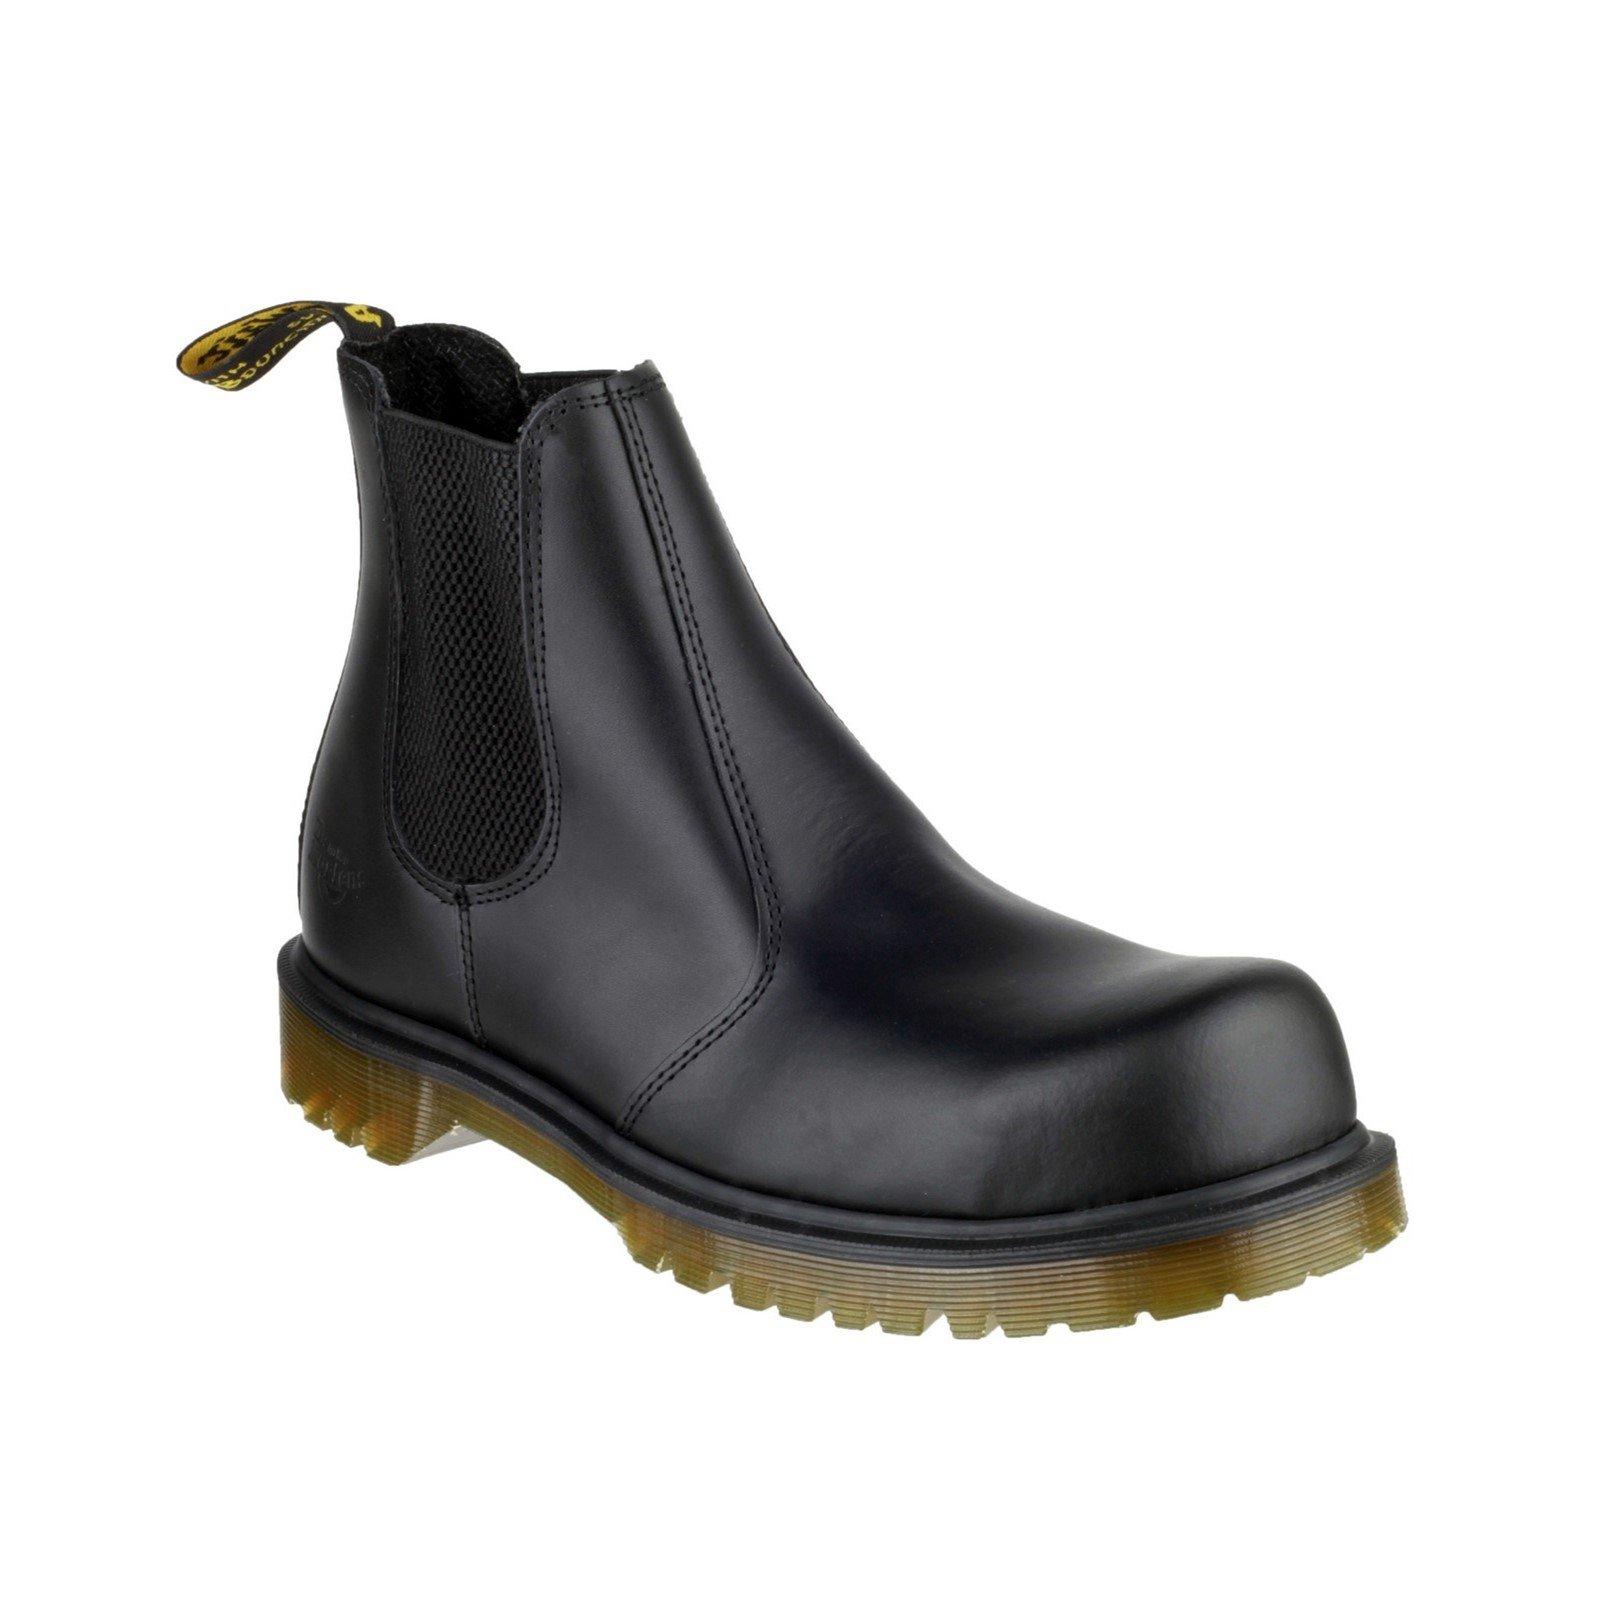 Dr Martens Unisex Dealer Boot Black 00496 - Black 7